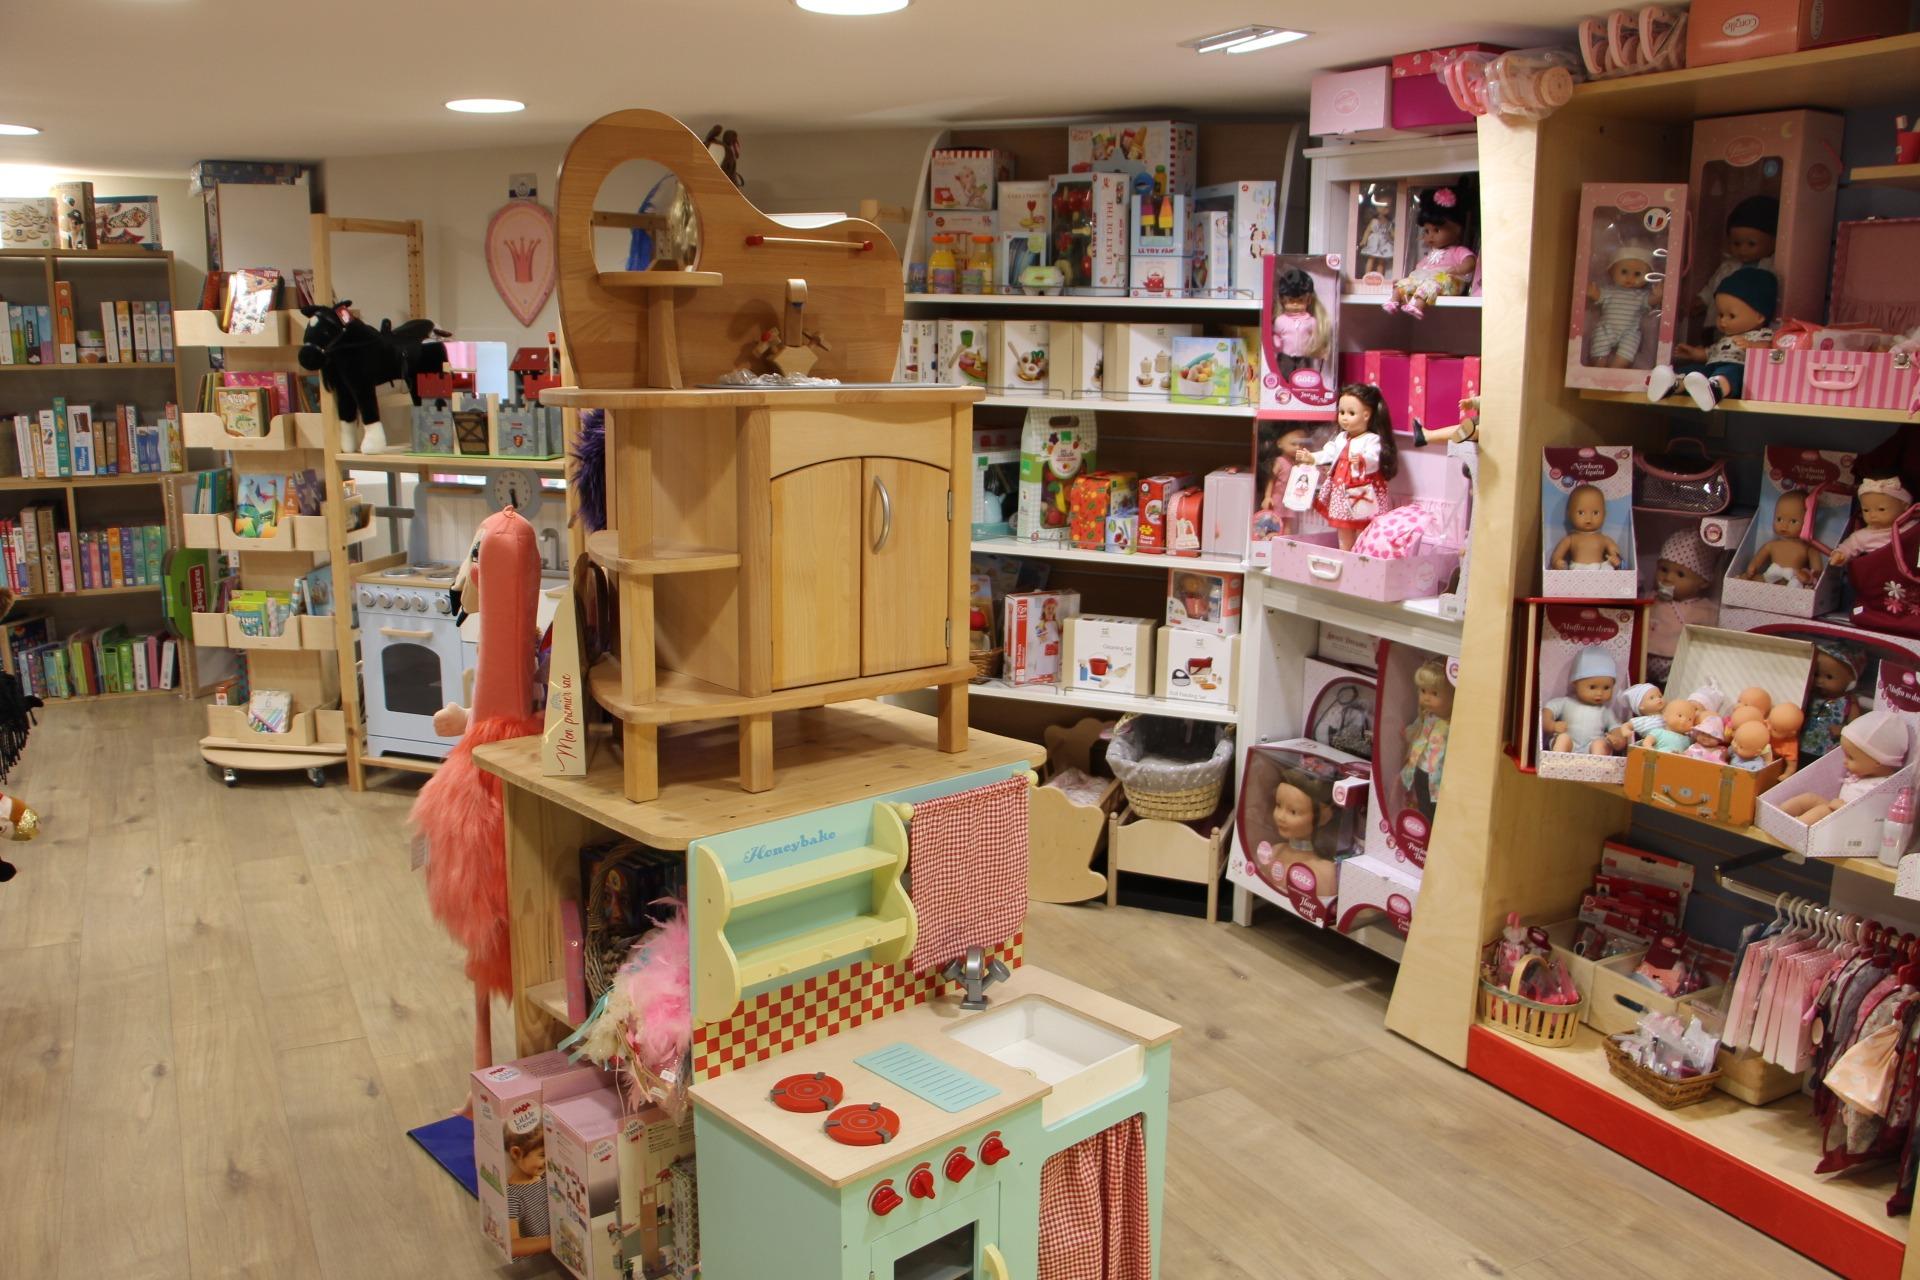 cuisine pour enfants boutique Poisson d'avril Lyon 2